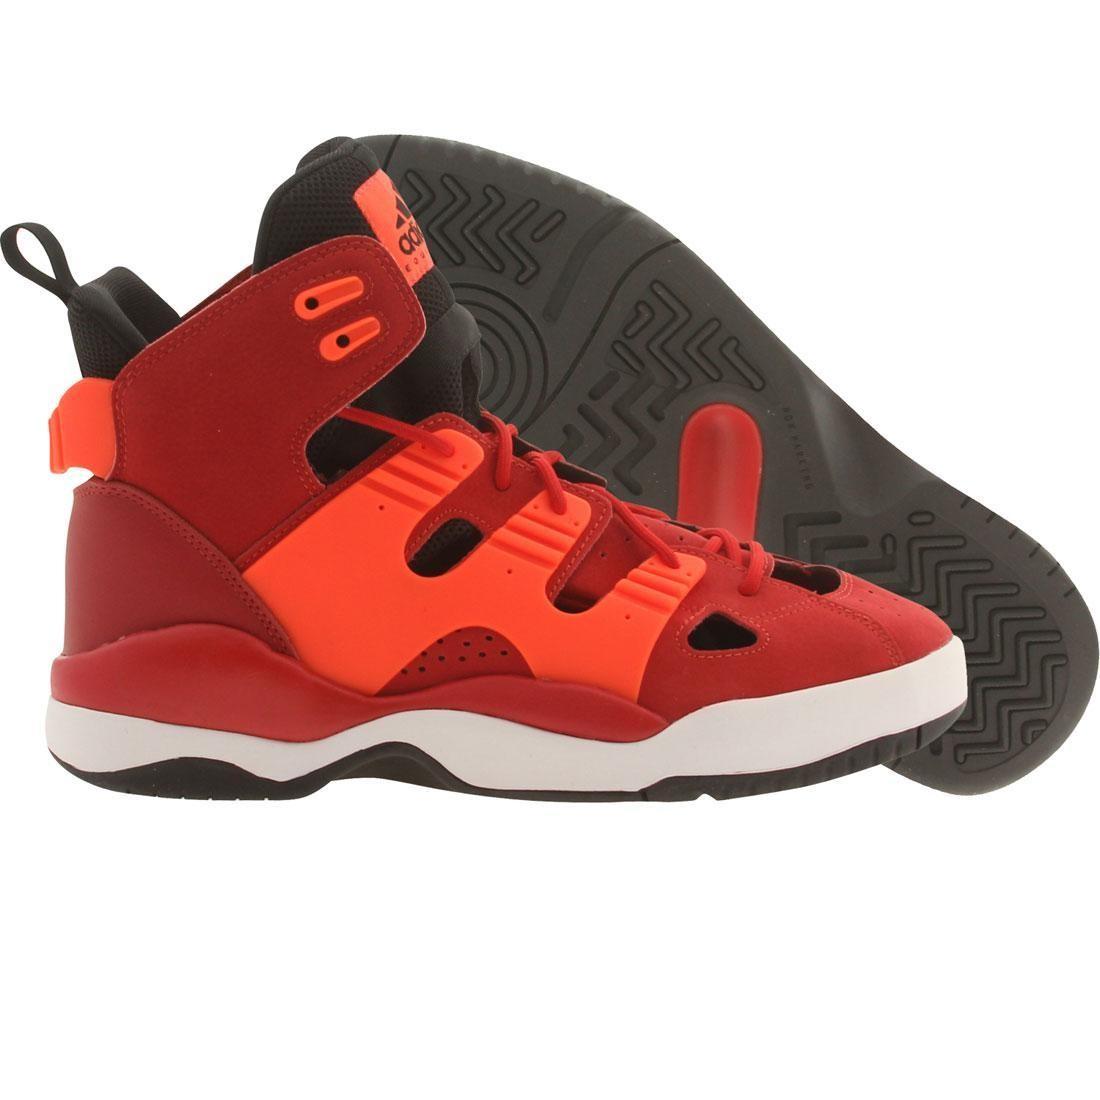 【海外限定】アディダス バスケットボール スニーカー 靴 【 ADIDAS MEN EQT BASKETBALL RED POWRED CWHITE 】